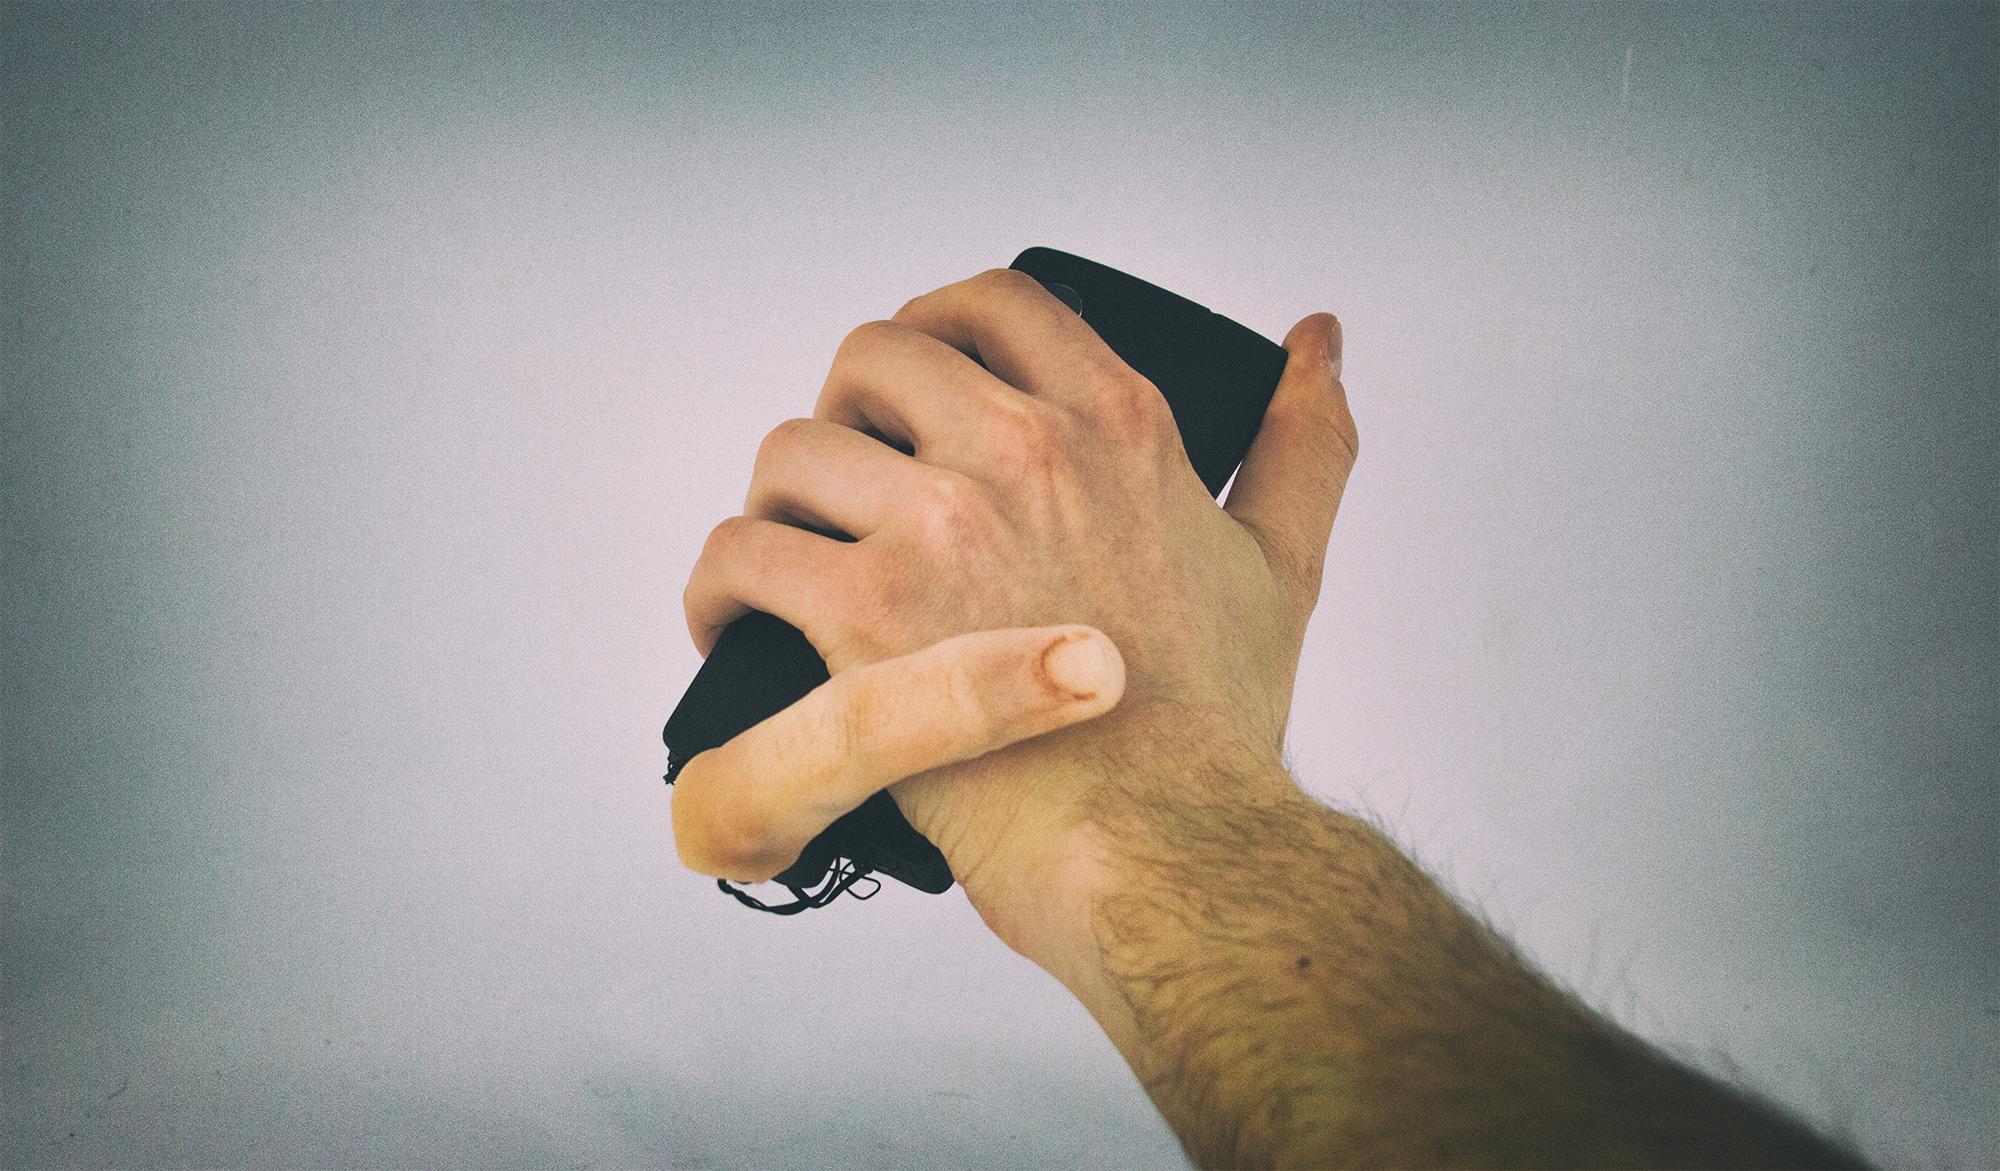 Самый странный и немного пугающий аксессуар для смартфона